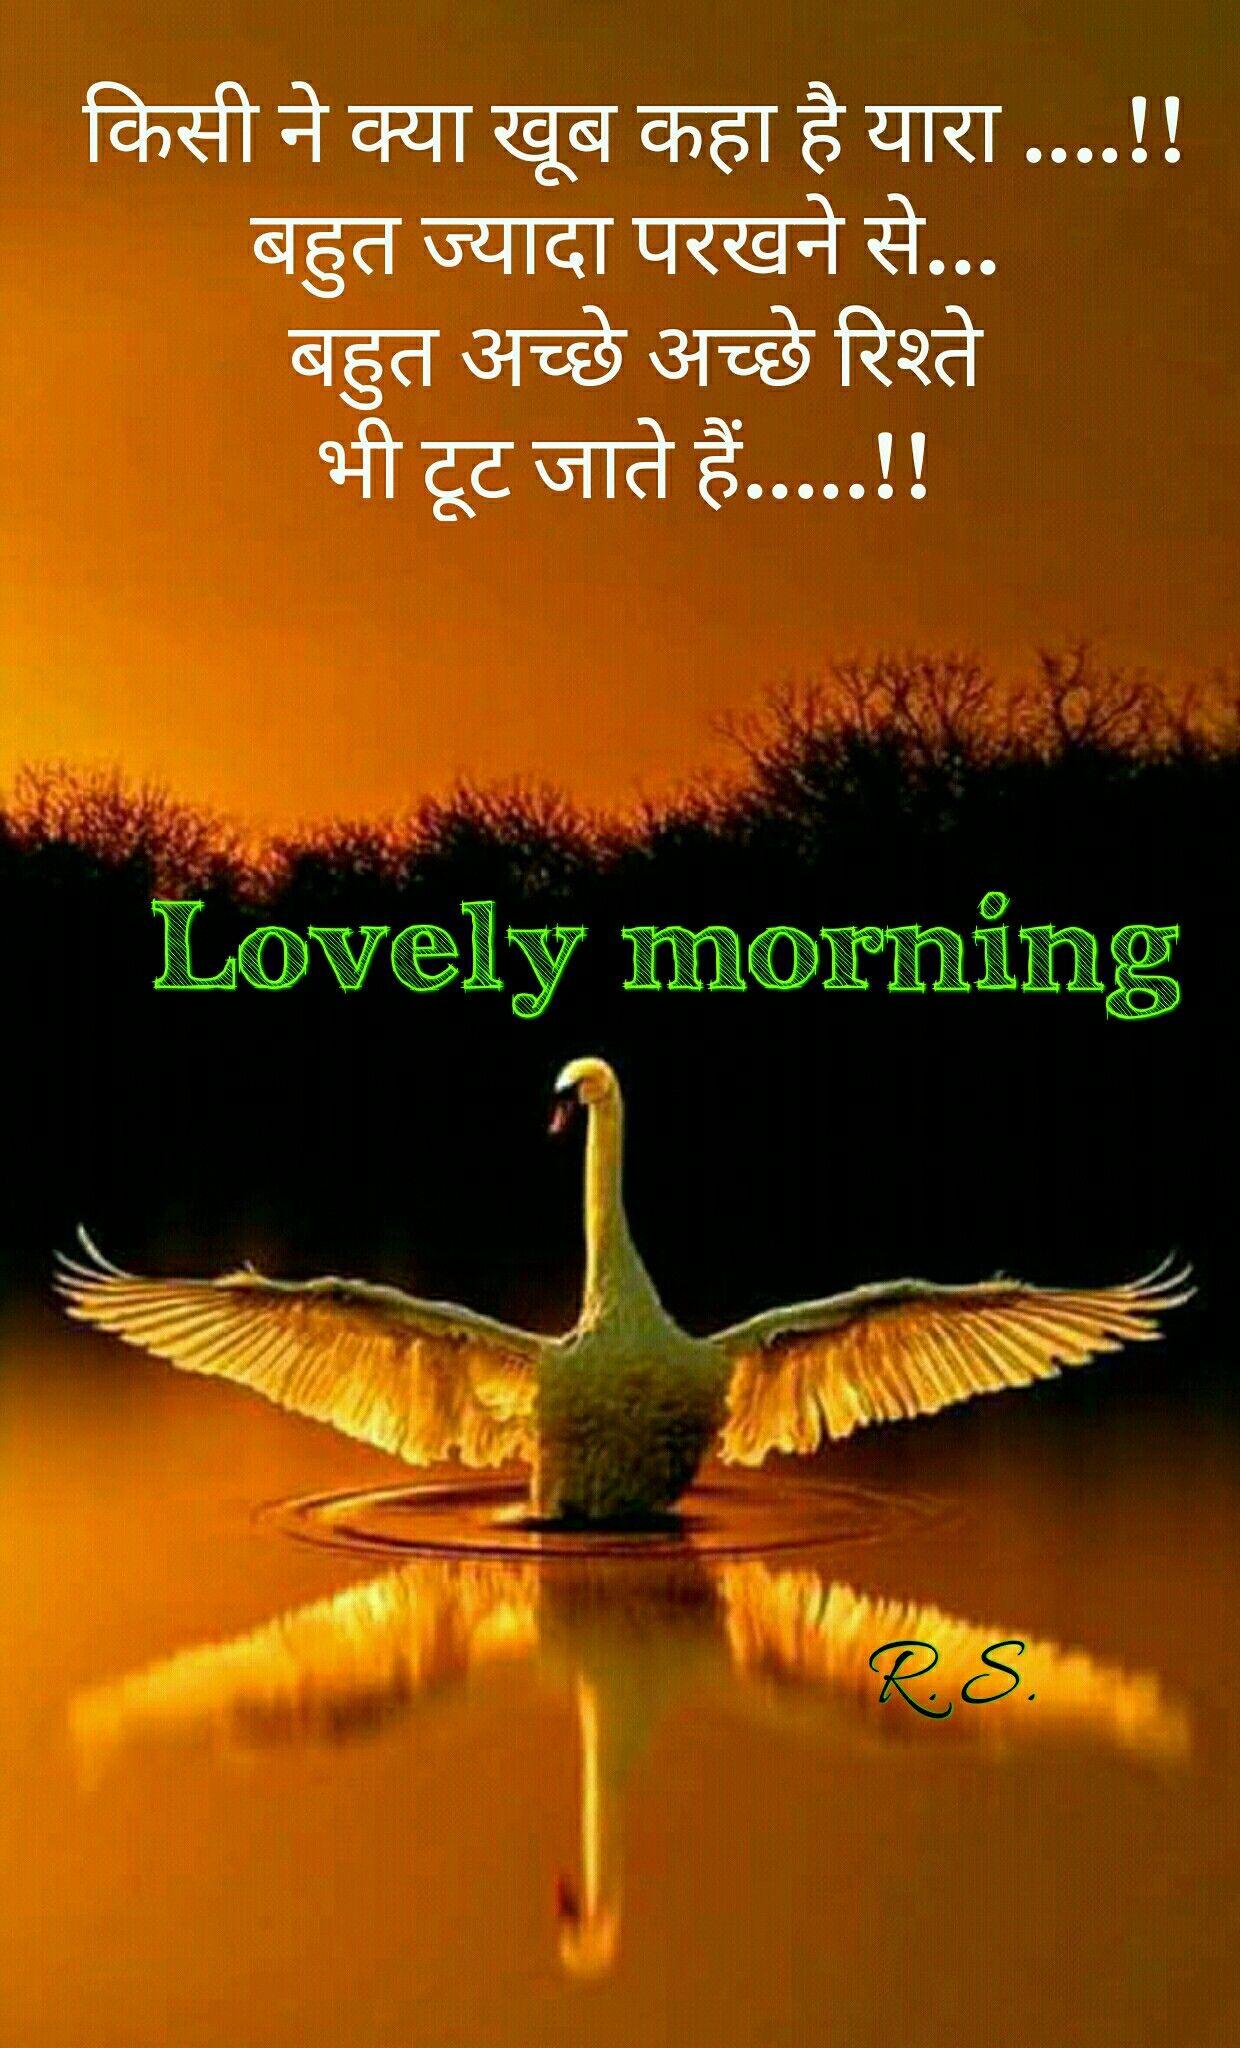 Pin By Rupali Saha On Good Morning Good Morning Quotes Hindi